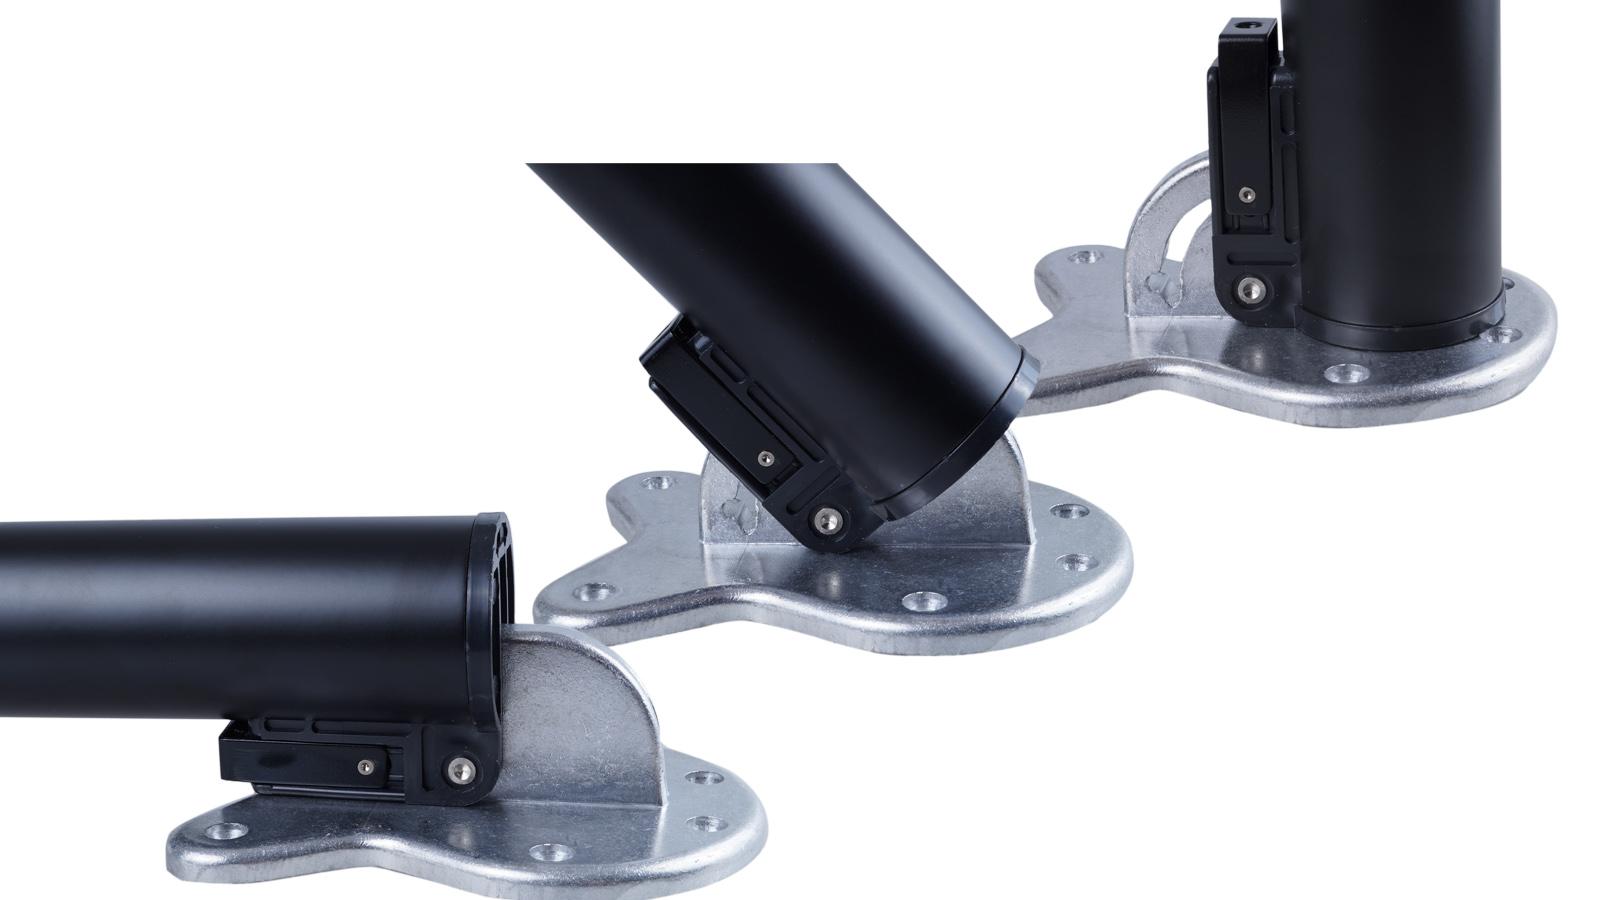 4x edelstahl tischbeine set klappbar st tzfu 50 mm tischbein tischf e verstel ebay. Black Bedroom Furniture Sets. Home Design Ideas